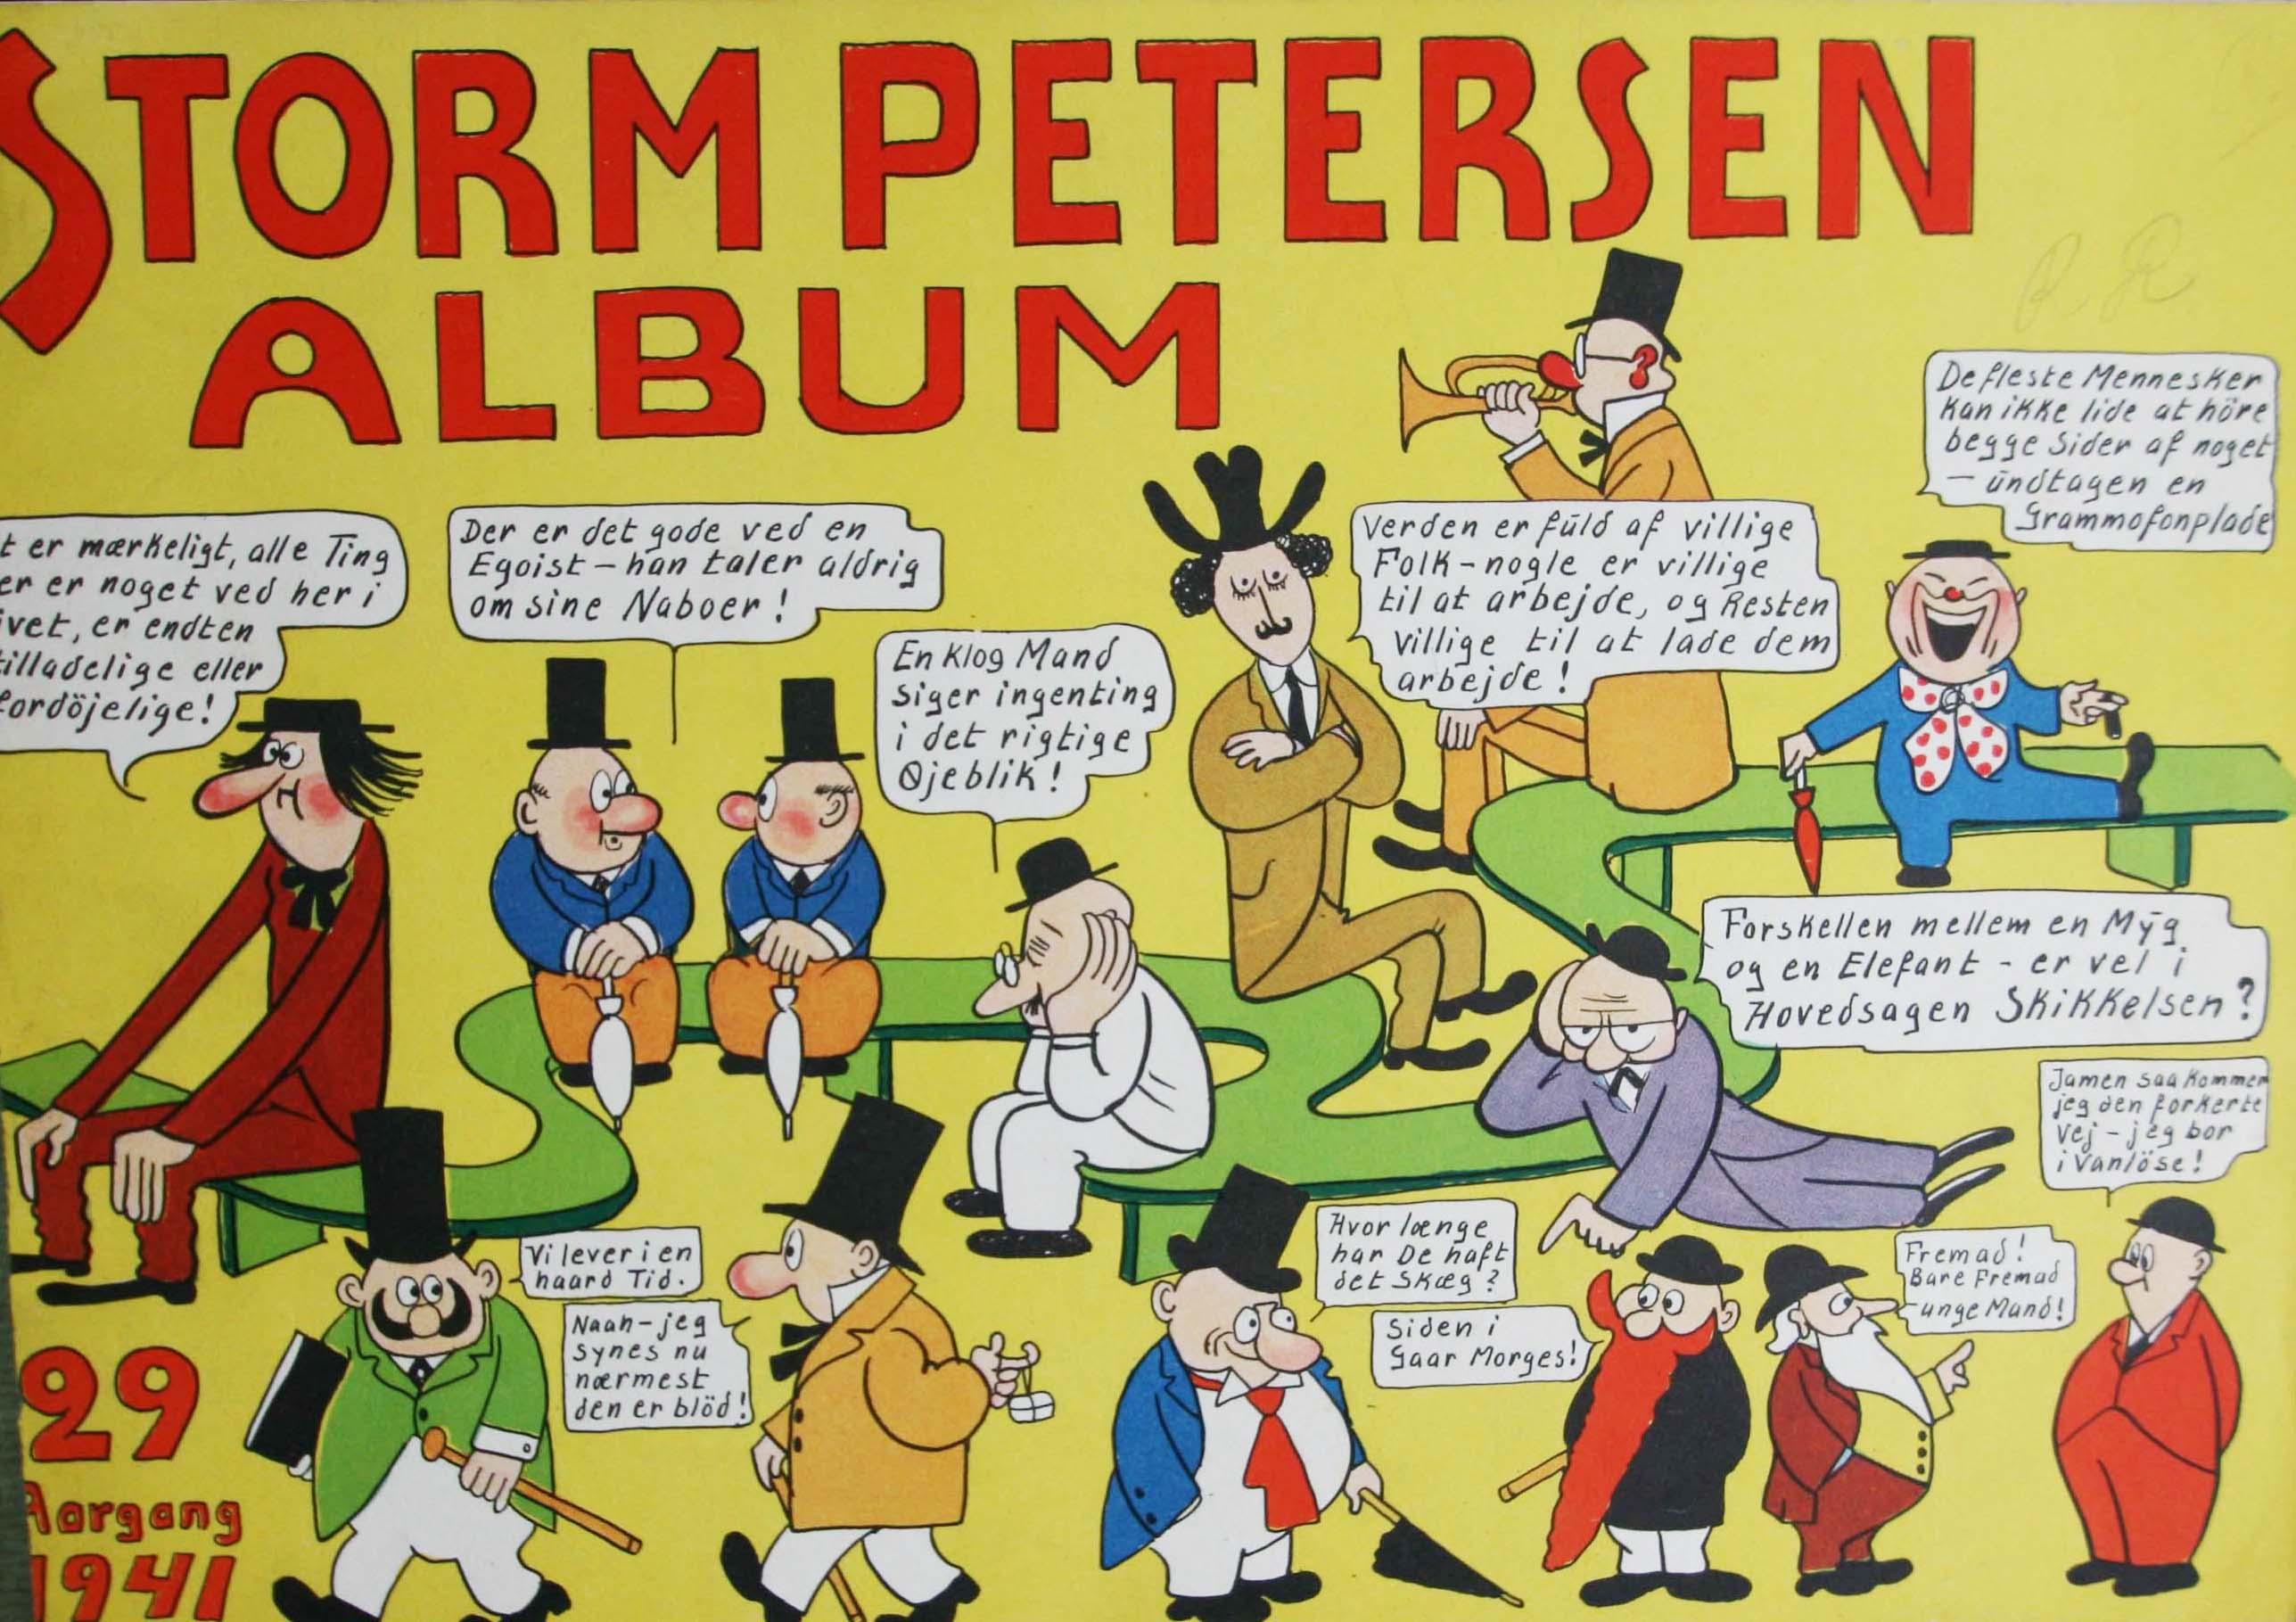 Robert Storm Petersen Storm P. Album 1941